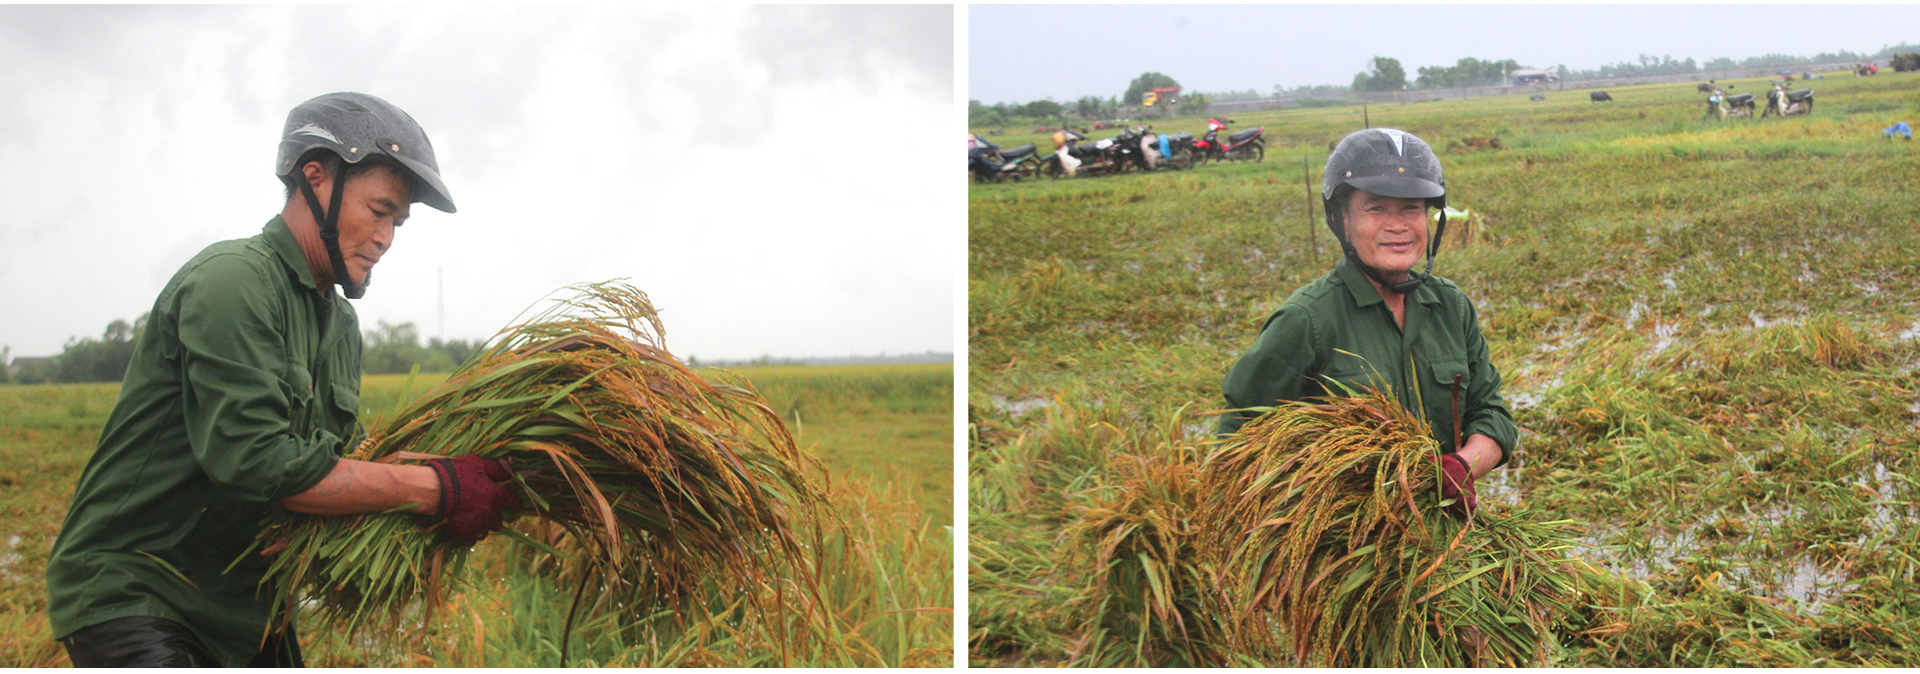 Nông dân miền Trung dầm mình cứu lúa sau mưa bão  ảnh 10